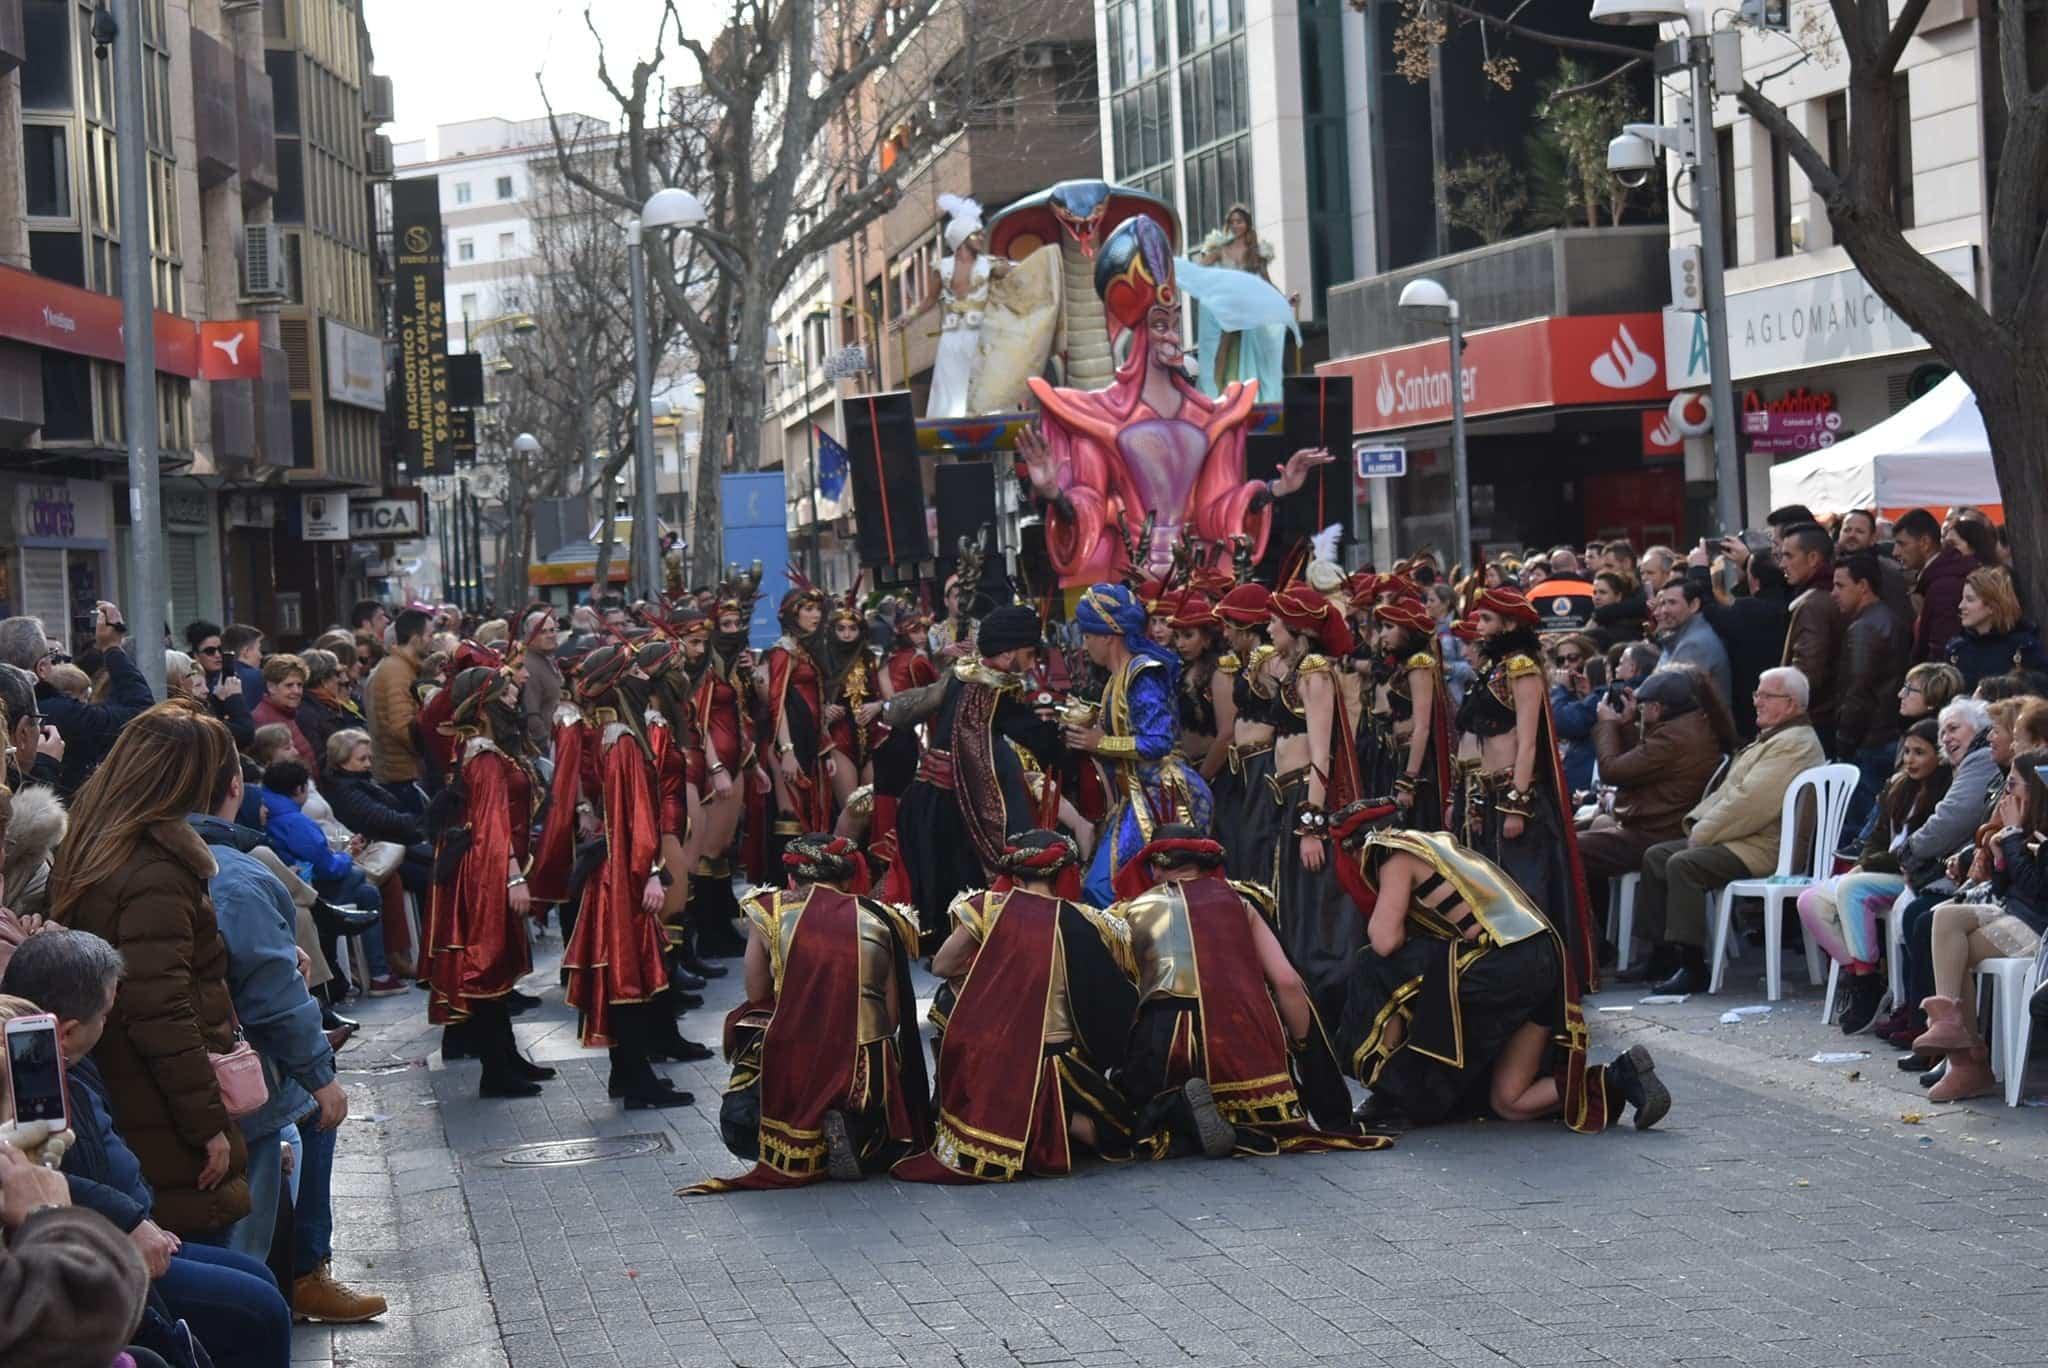 Carnaval de ciudad real 2020 axonsou arlequin oro herencia 22 - Axonsou se lleva el Arlequín de Oro en Ciudad Real